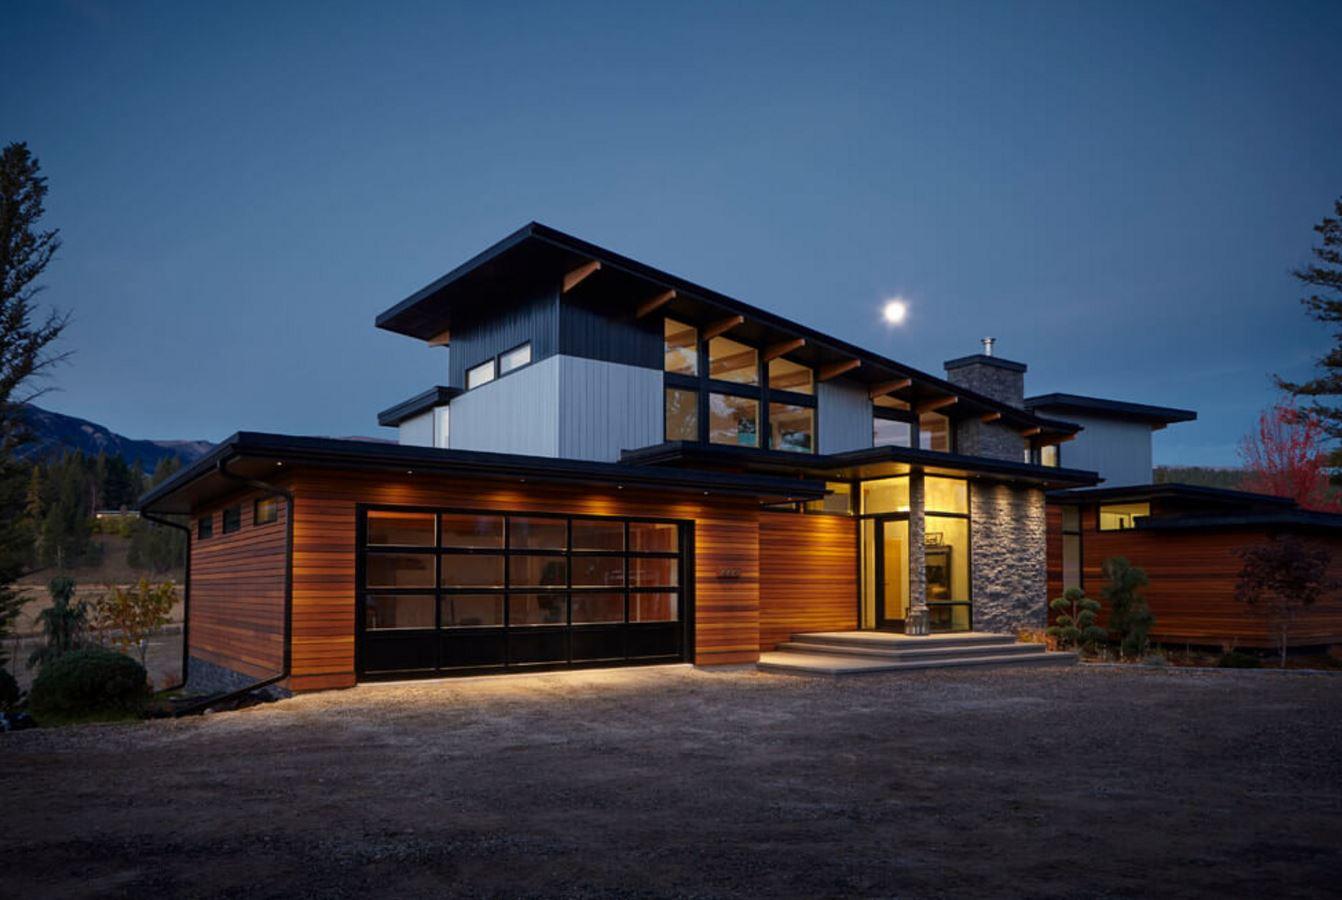 casa-con-techo-inclinado-y-estilo-rustico